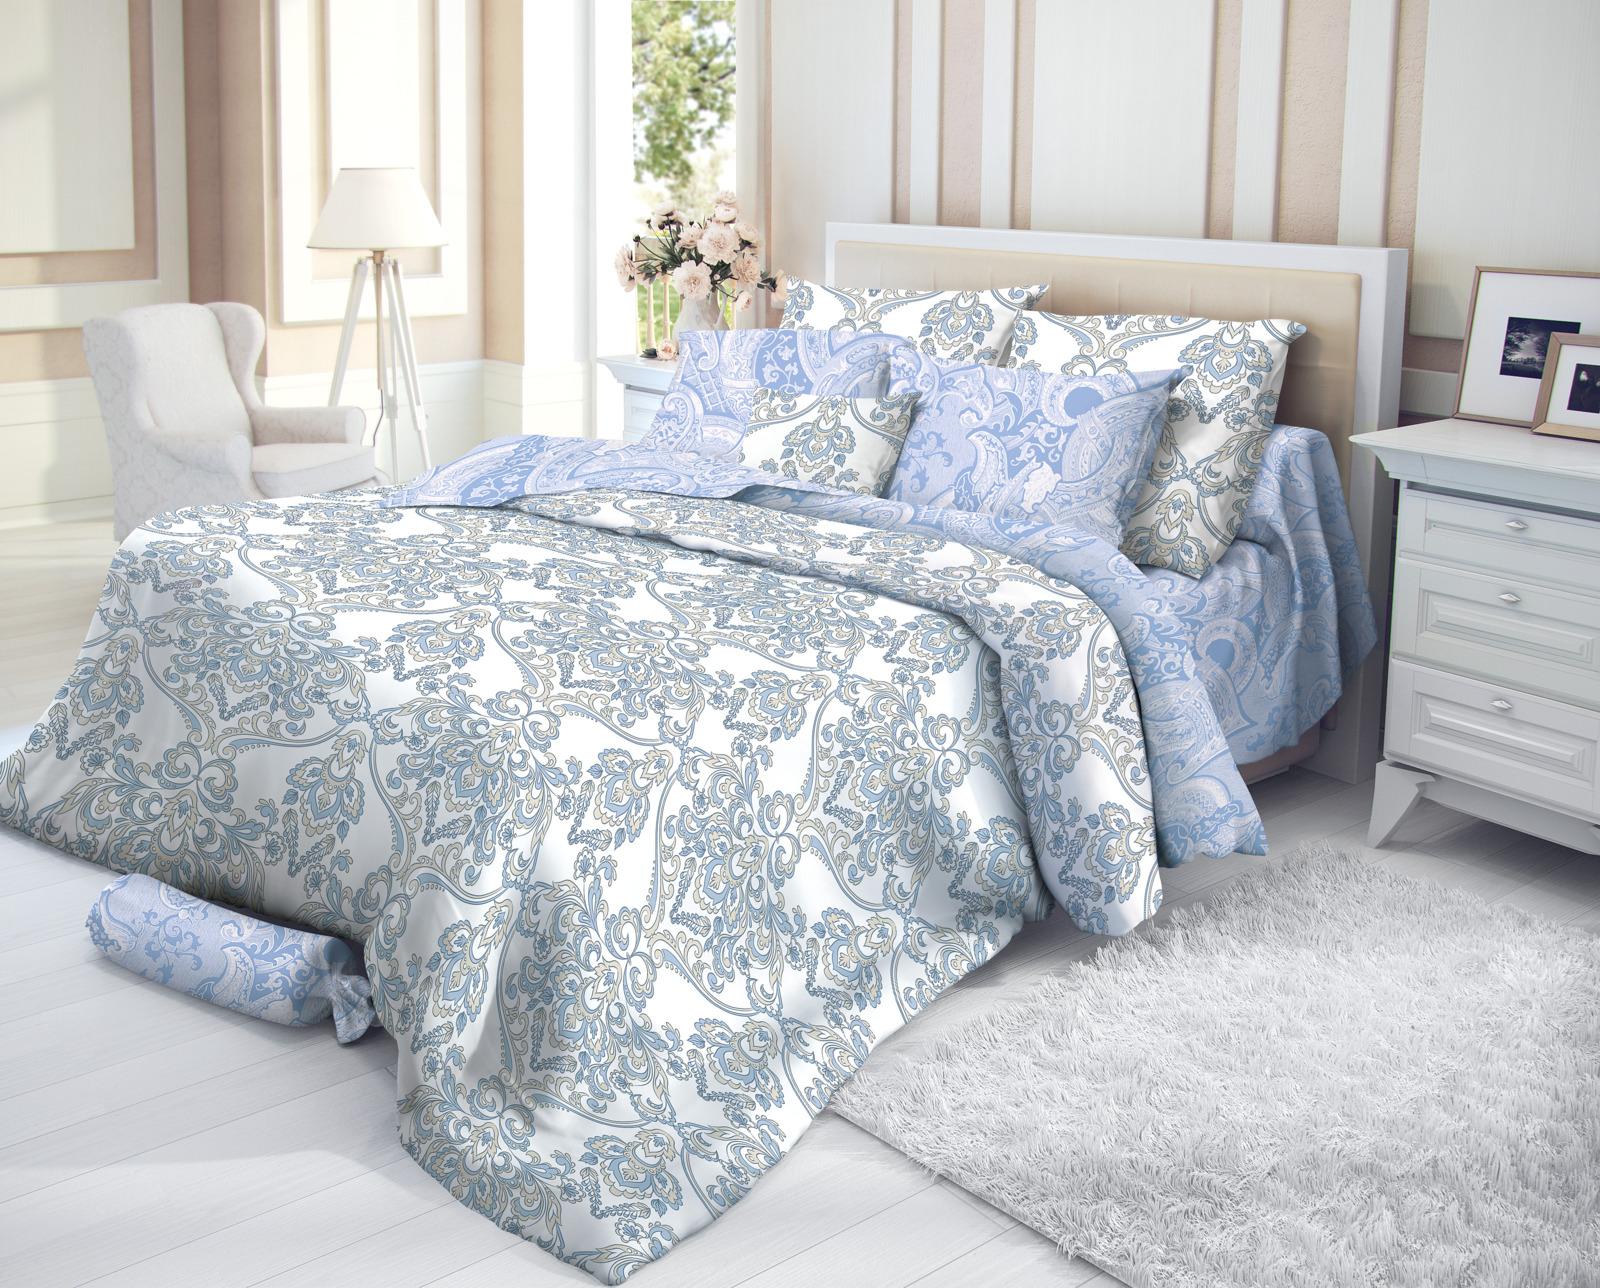 Комплект белья Verossa Manisa, 2-спальный, наволочки 50x70